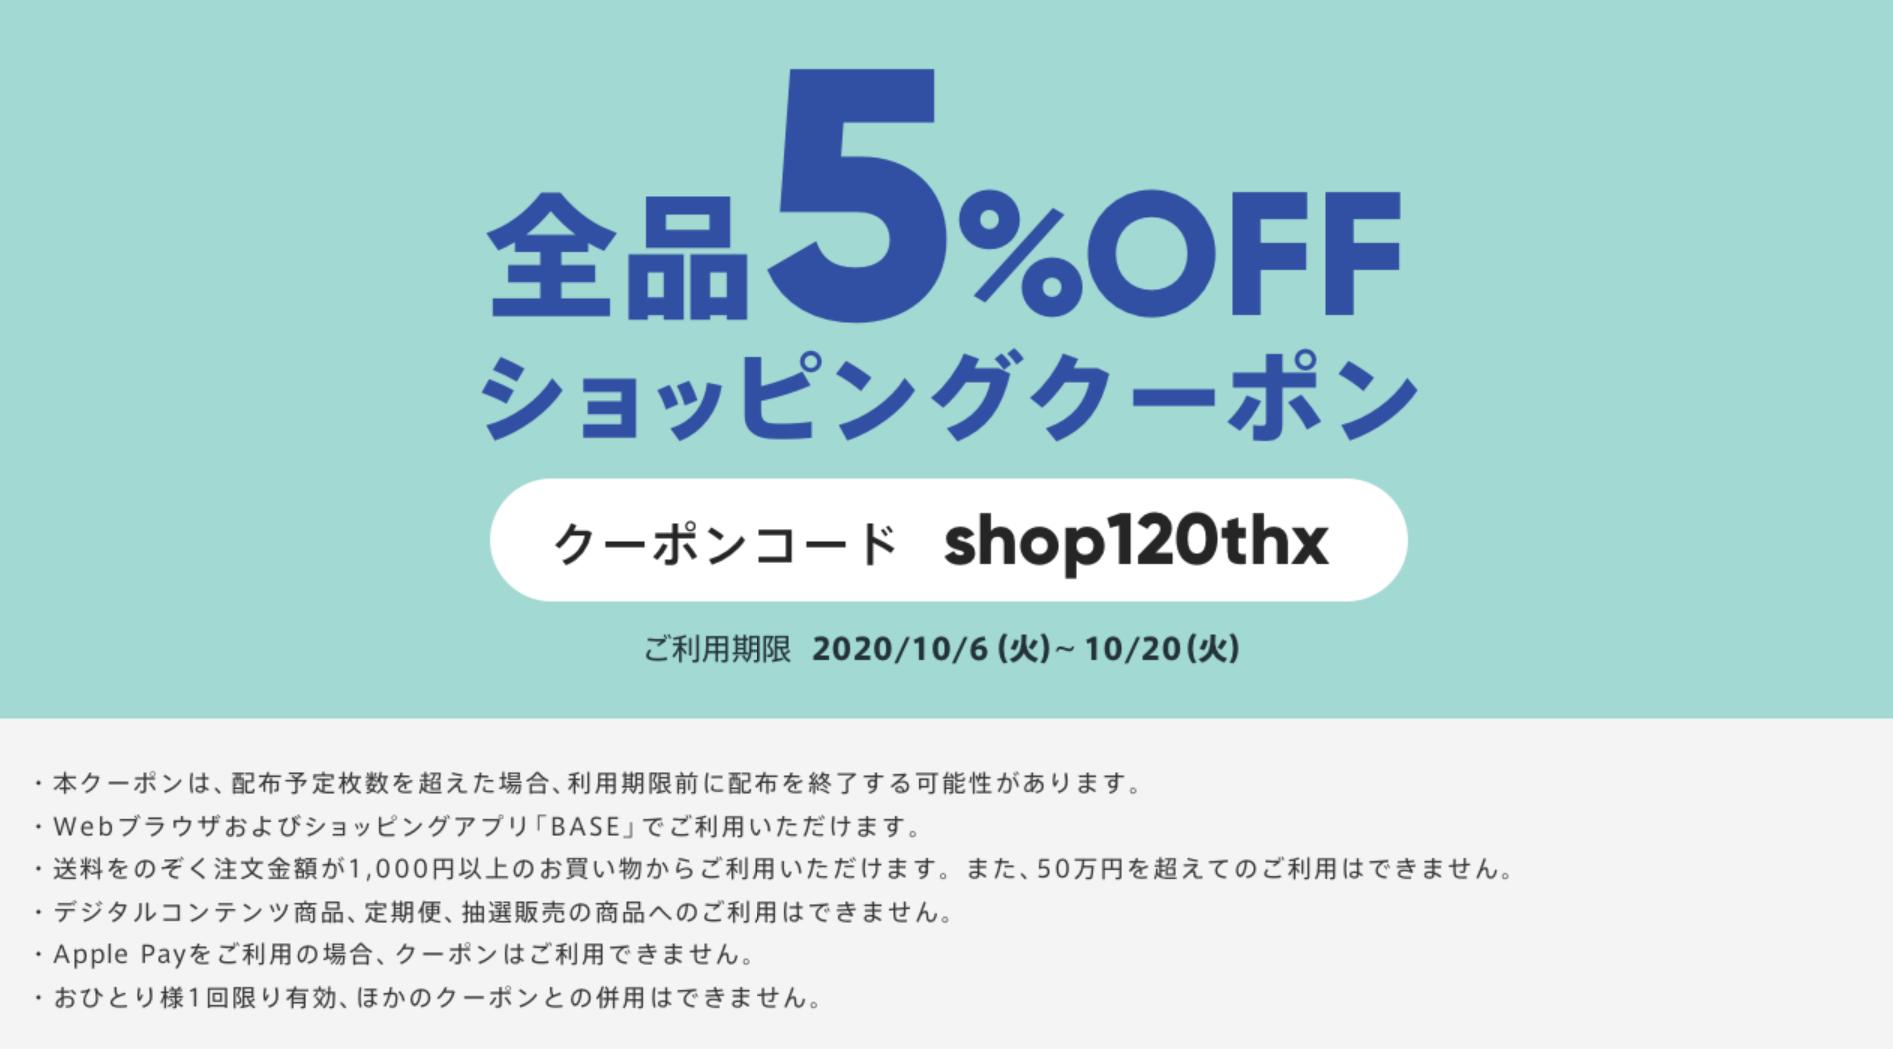 【期間限定】5%オフクーポン